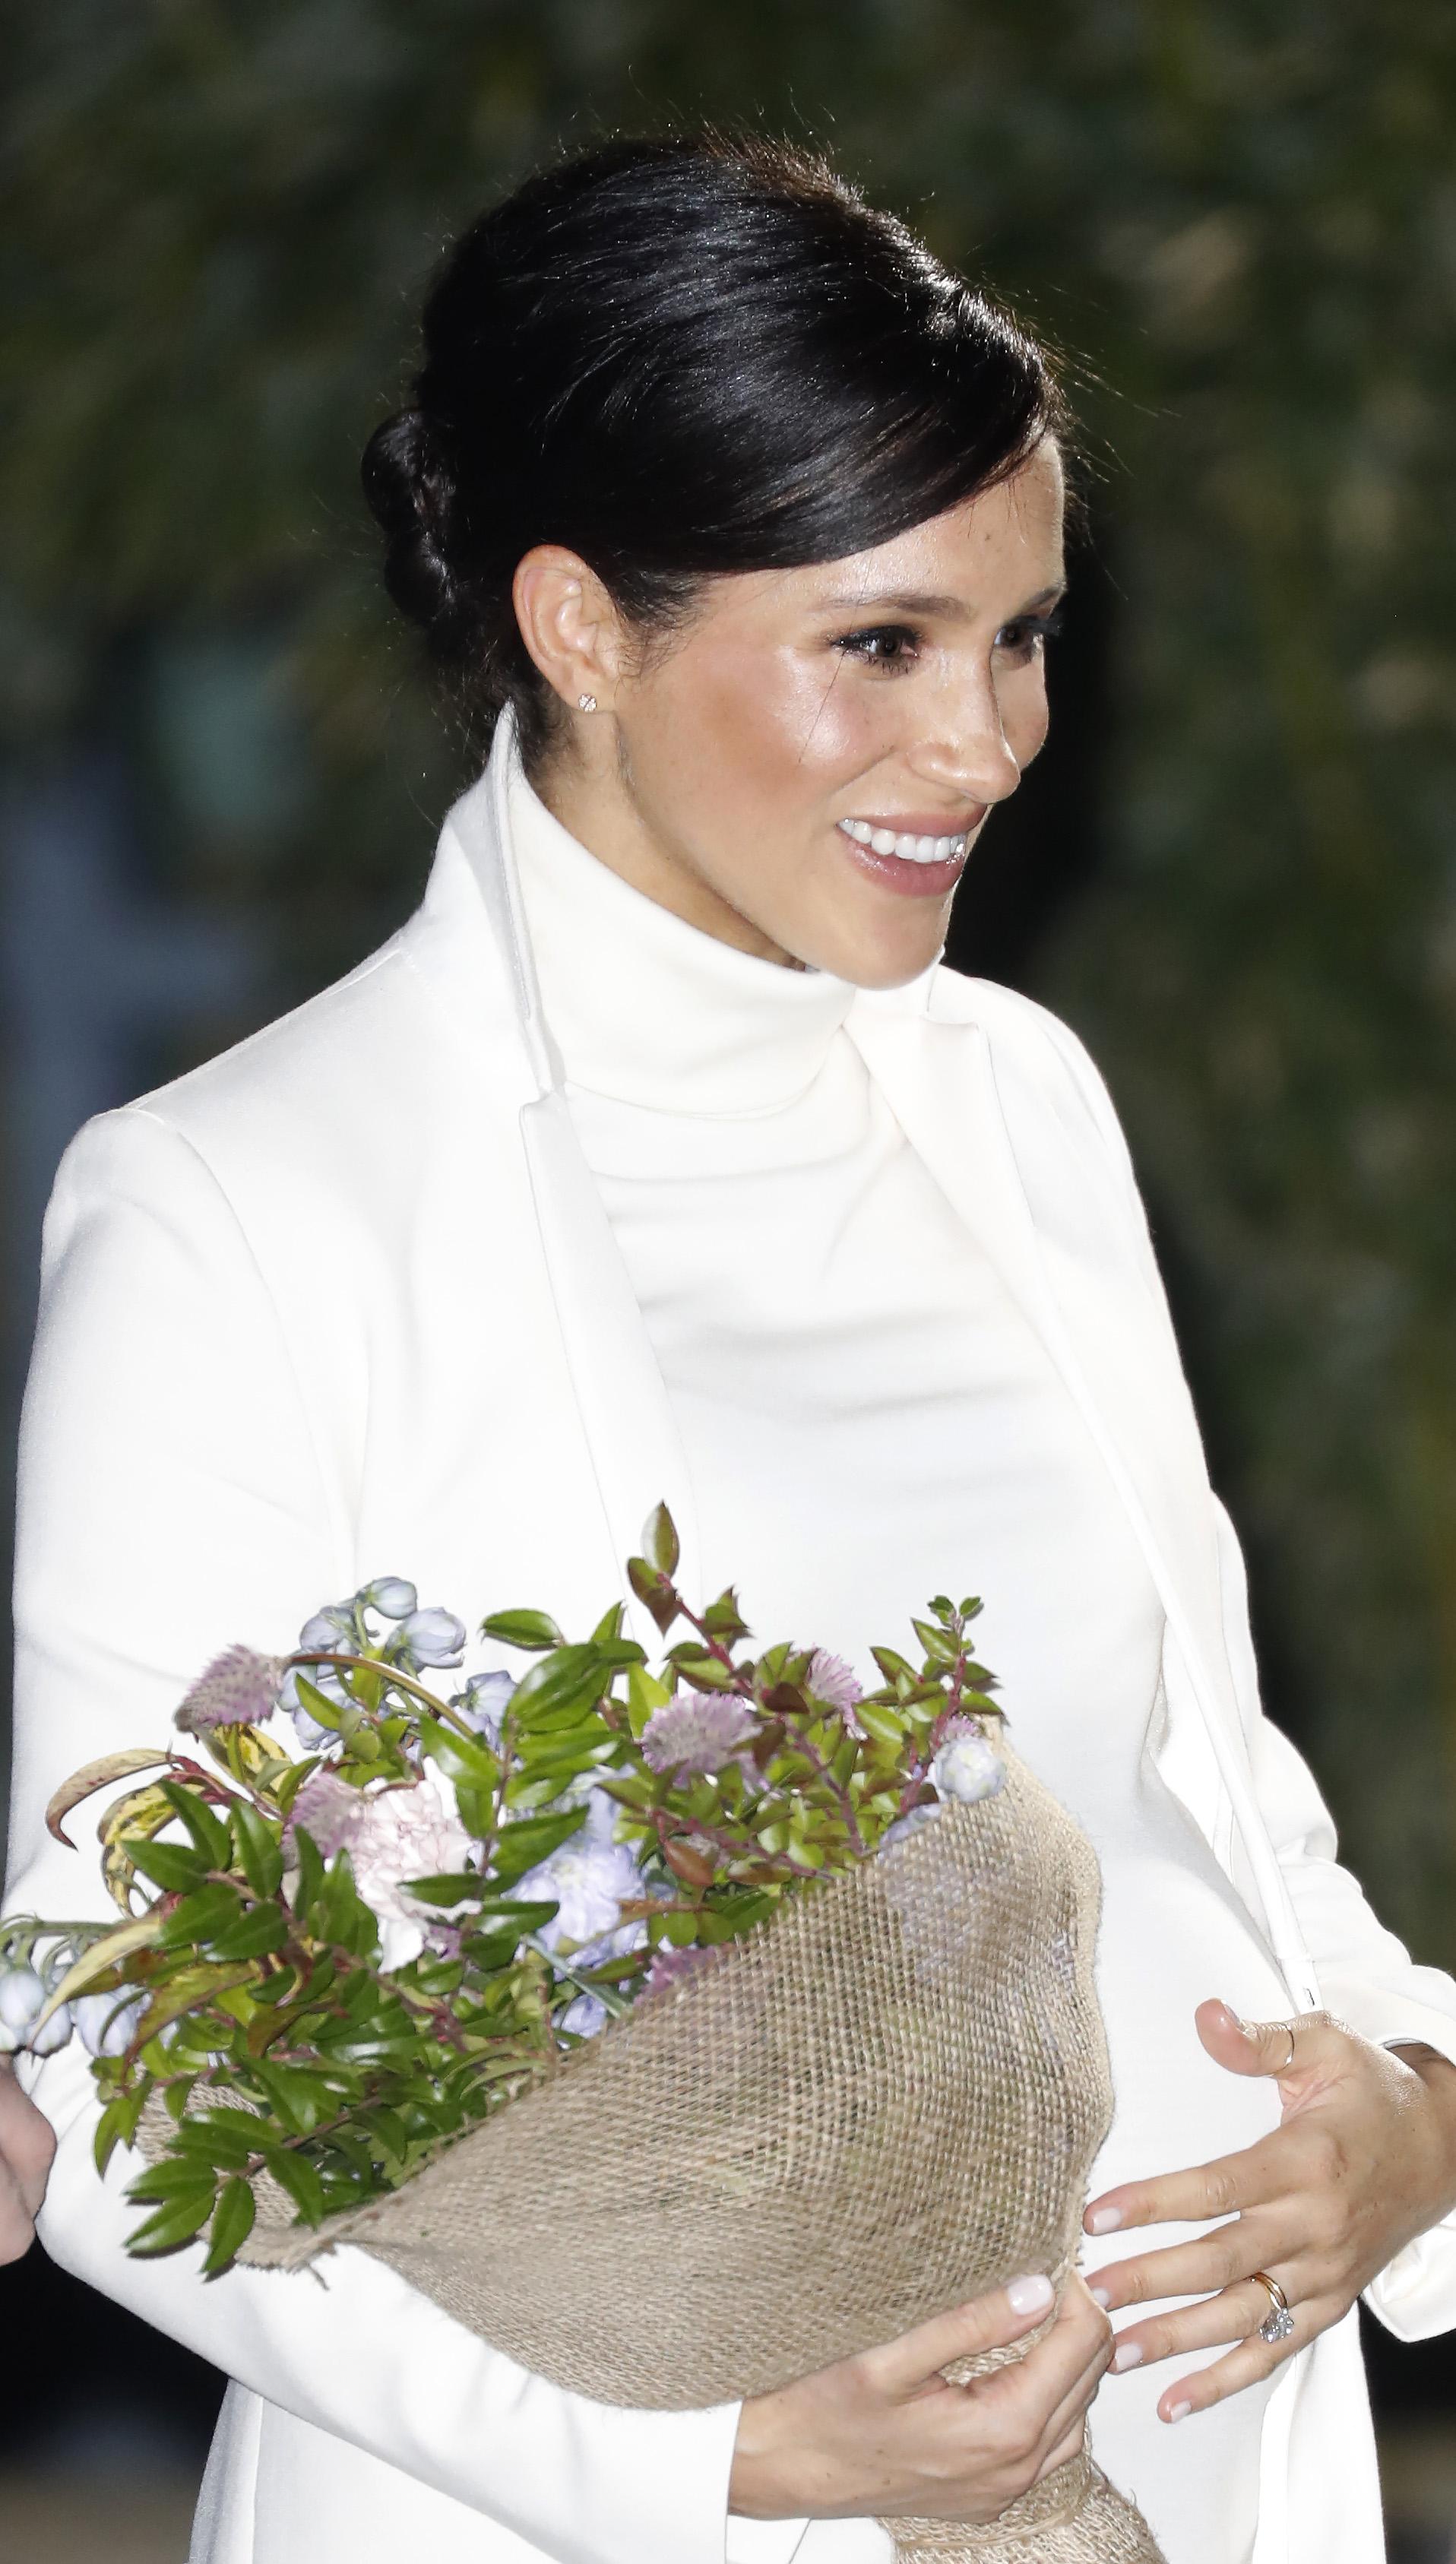 Duchess Meghan Markle Hit Up Laduree in New York Last Weekend